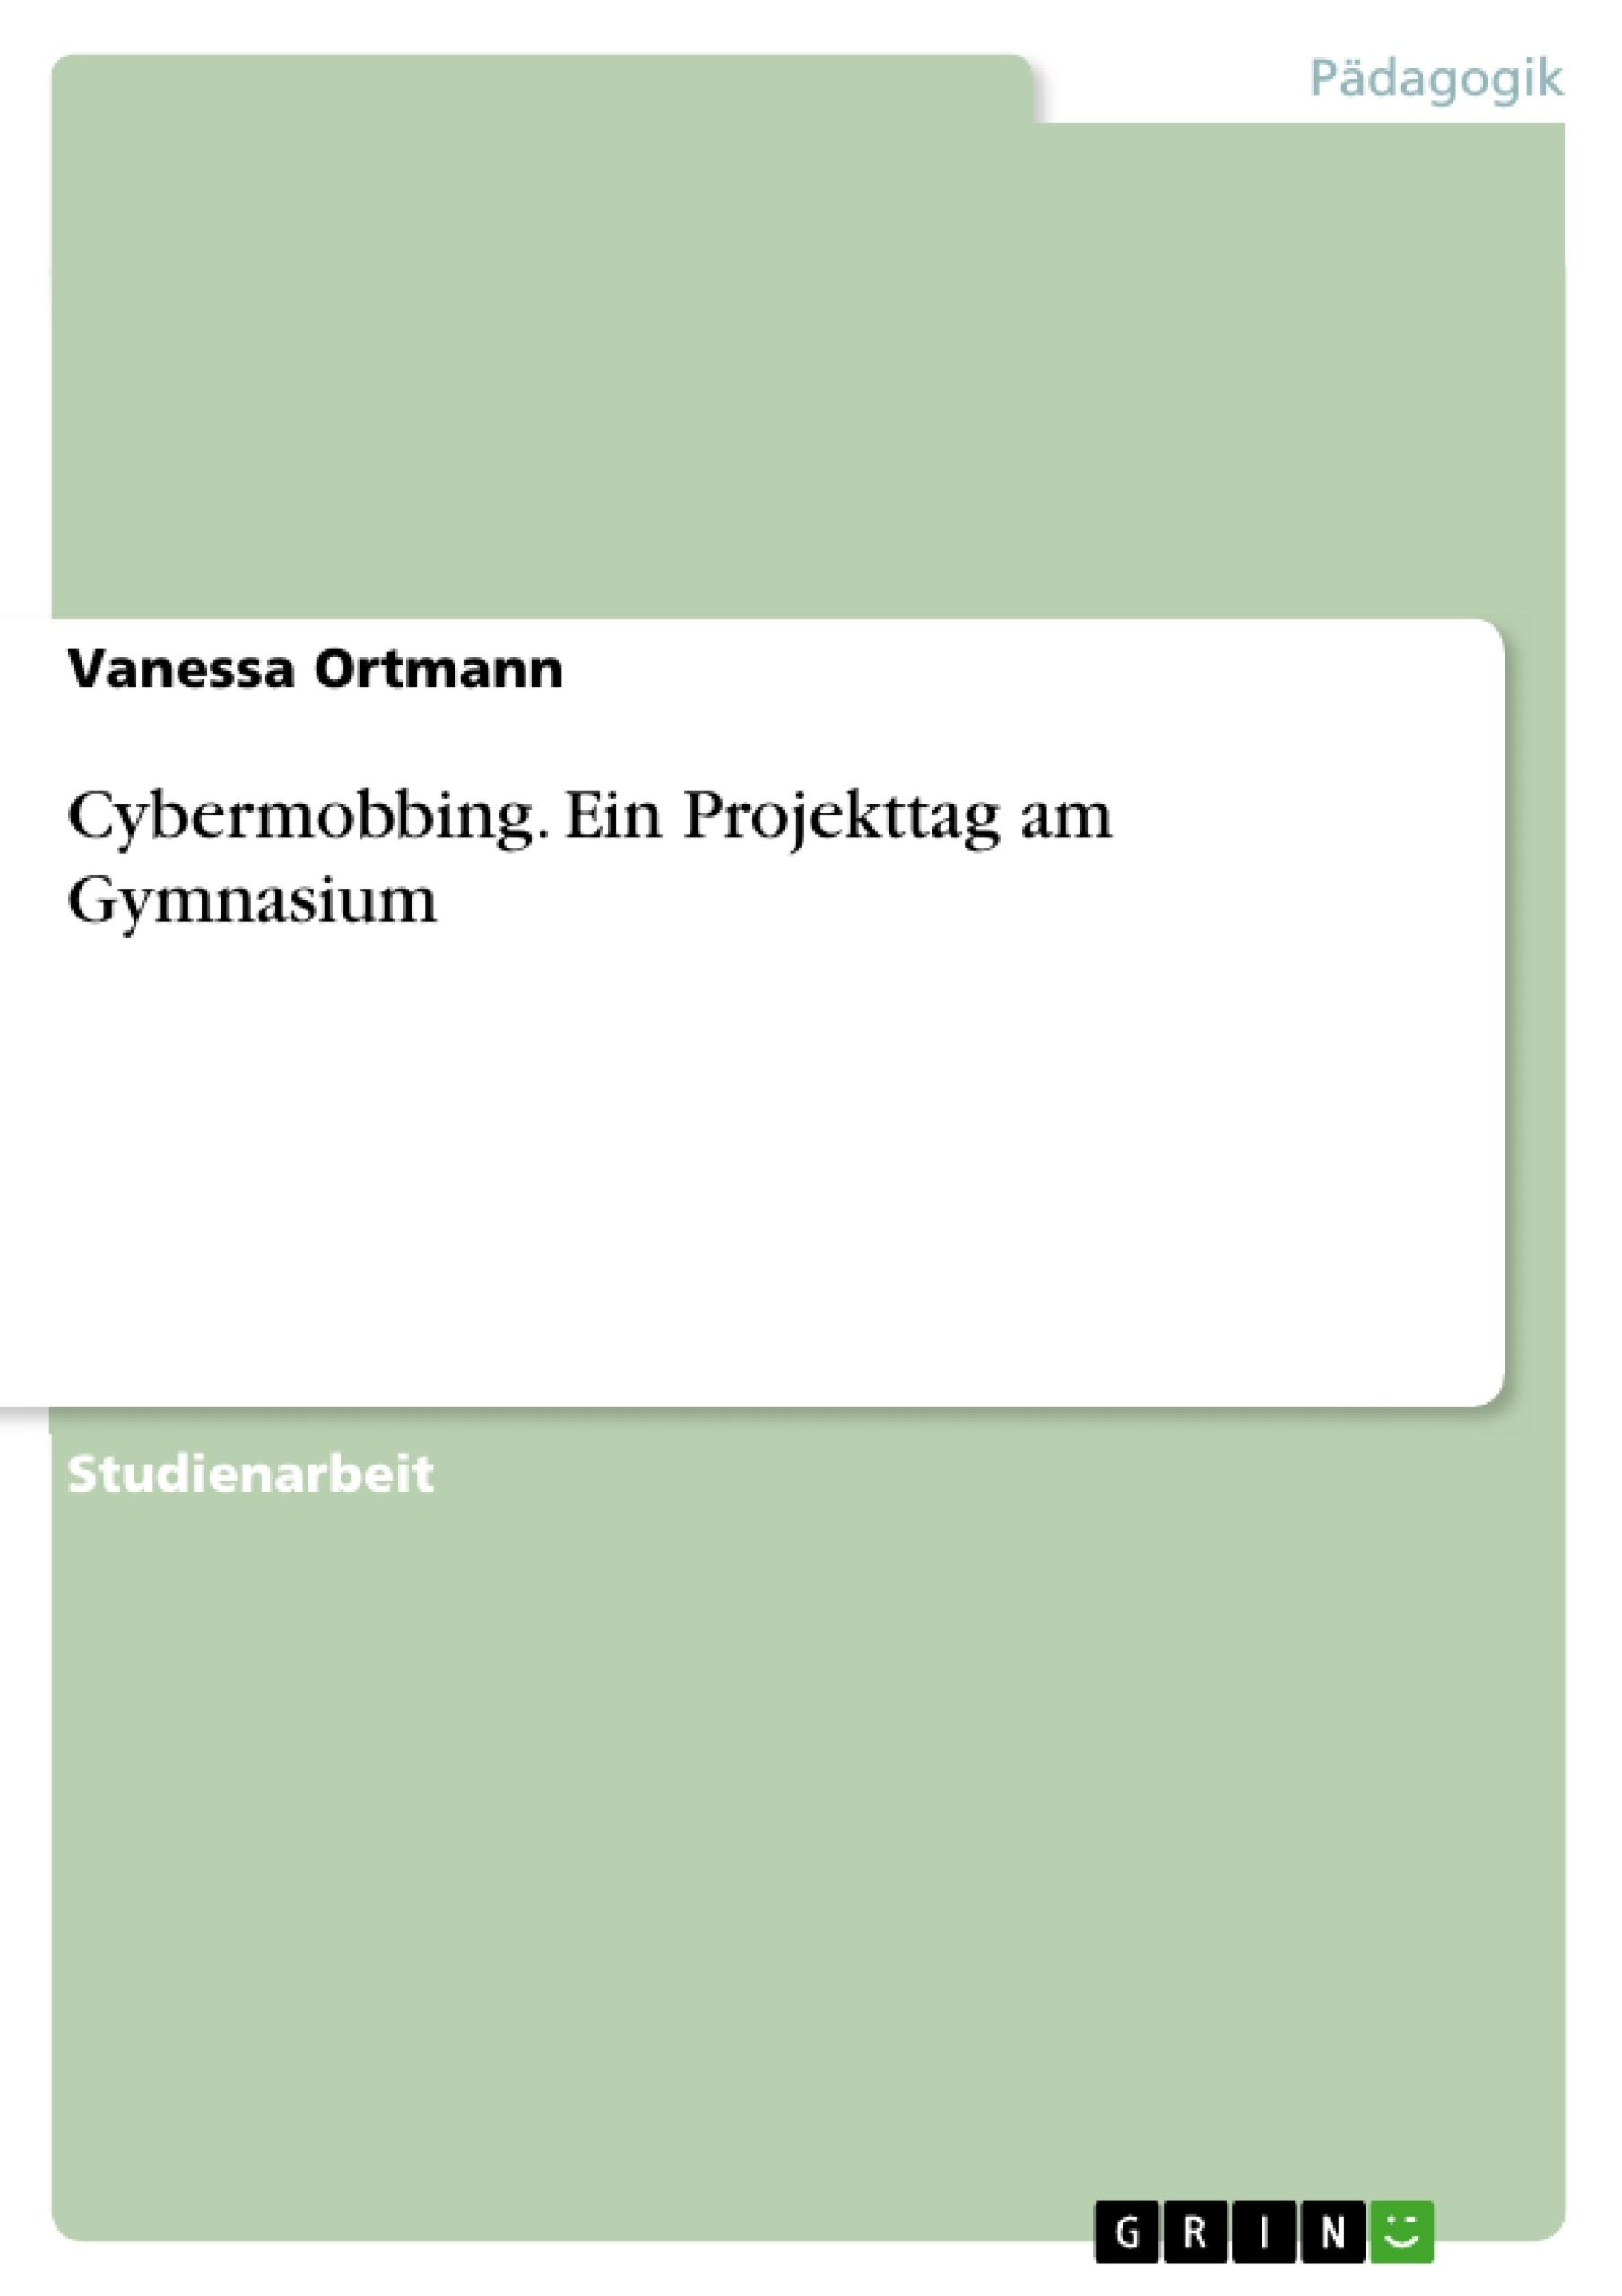 Titel: Cybermobbing. Ein Projekttag am Gymnasium